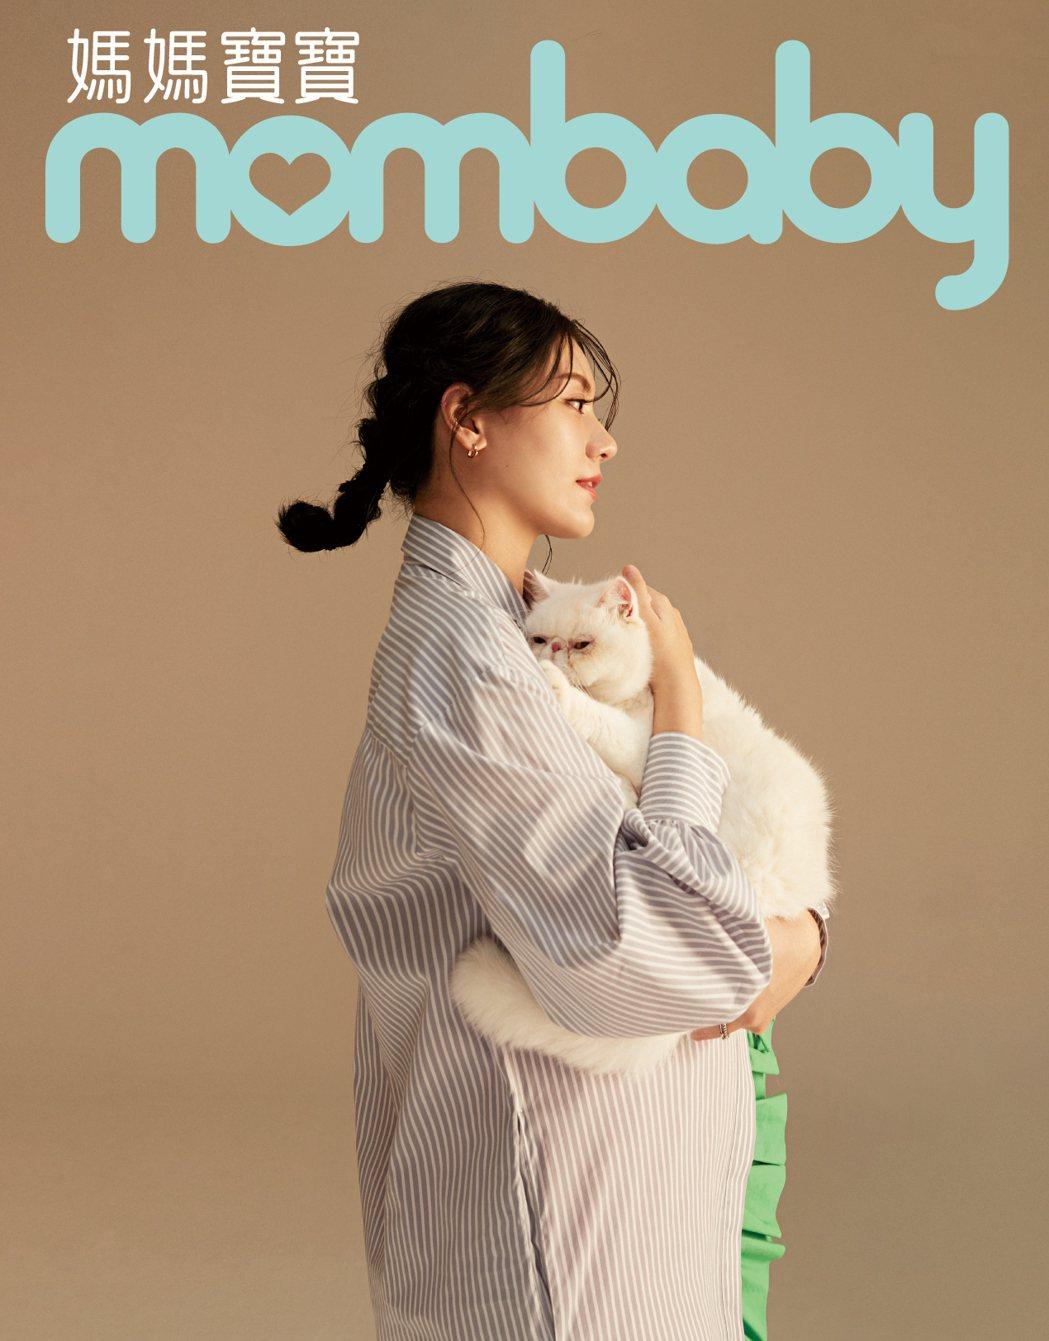 小蠻拍攝雜誌封面。圖/媽媽寶寶雜誌提供